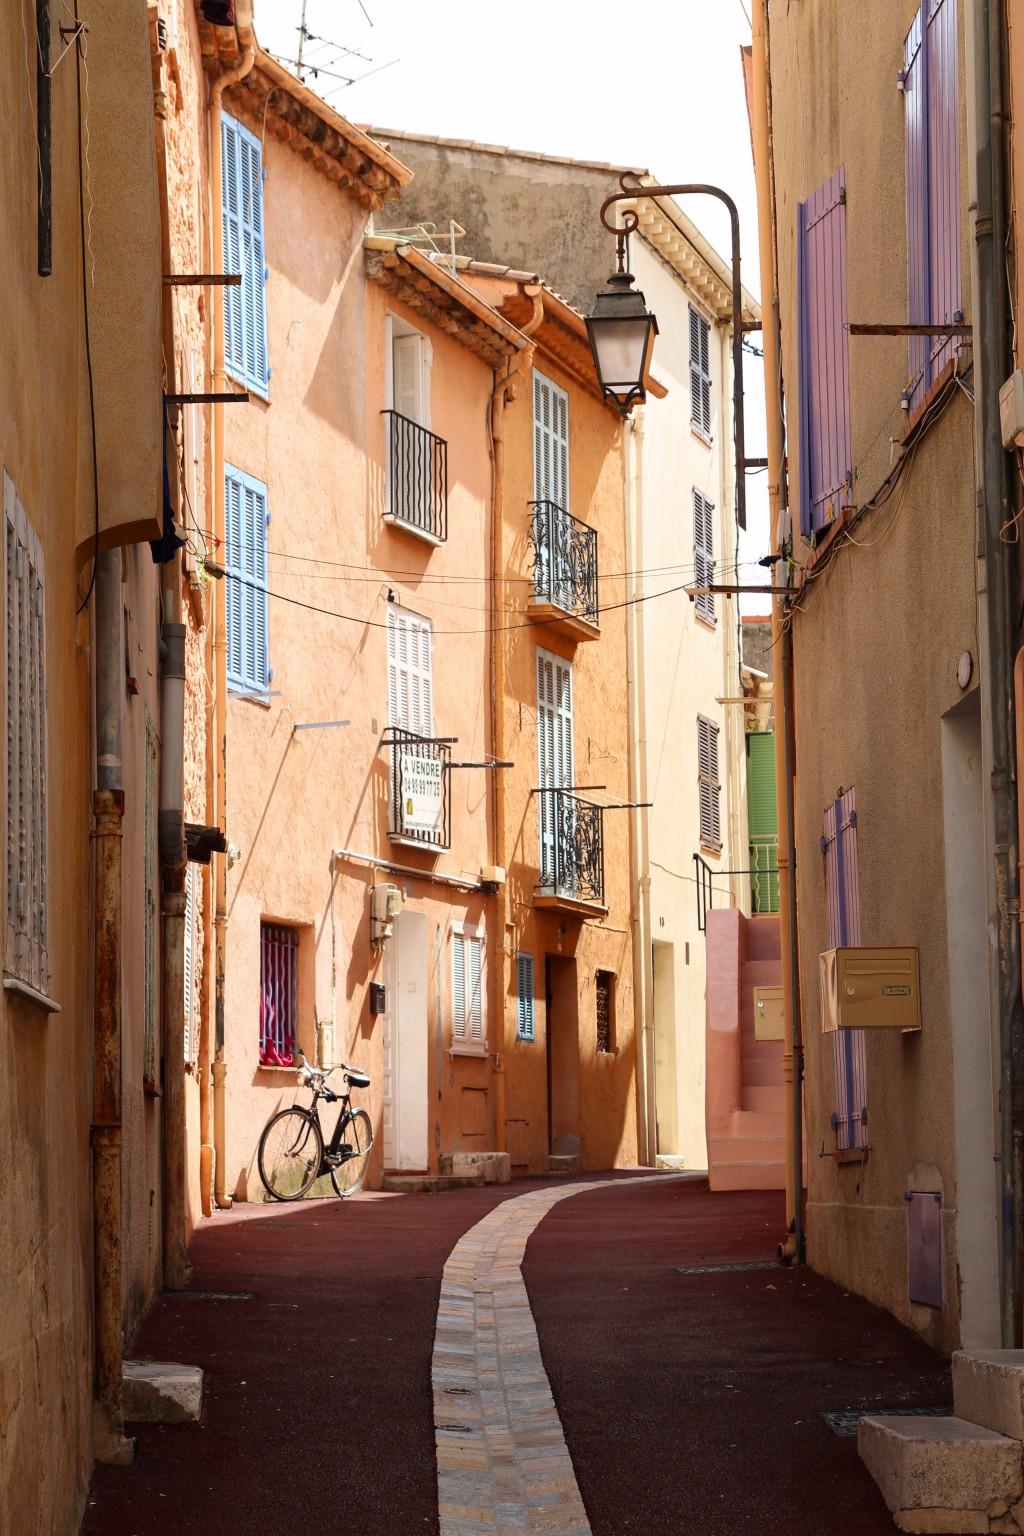 Suquet Vielle rue de Cannes